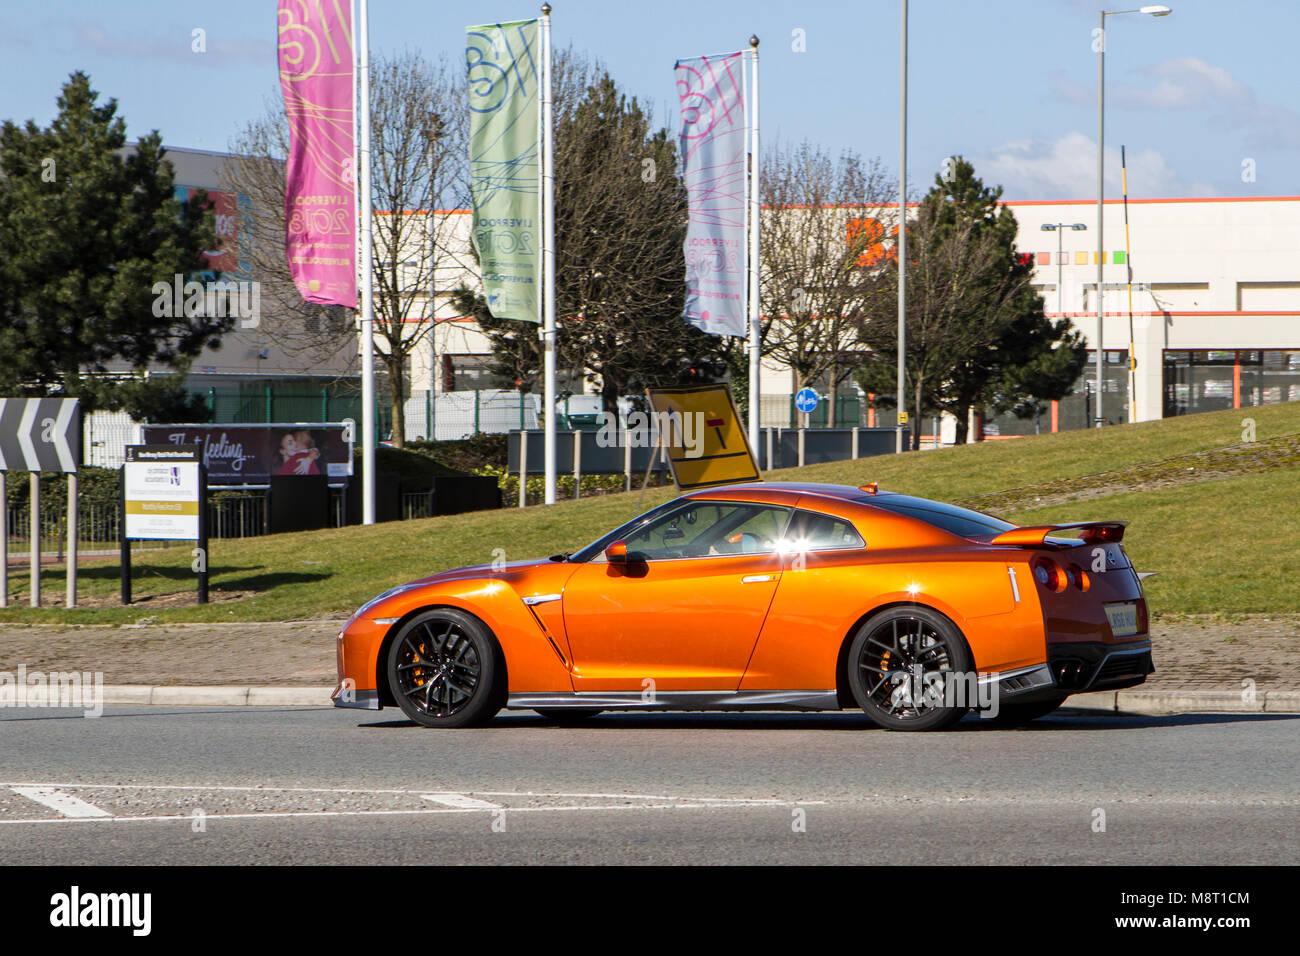 Nissan Skyline Gtr Burnt Orange Sports Car   Stock Image